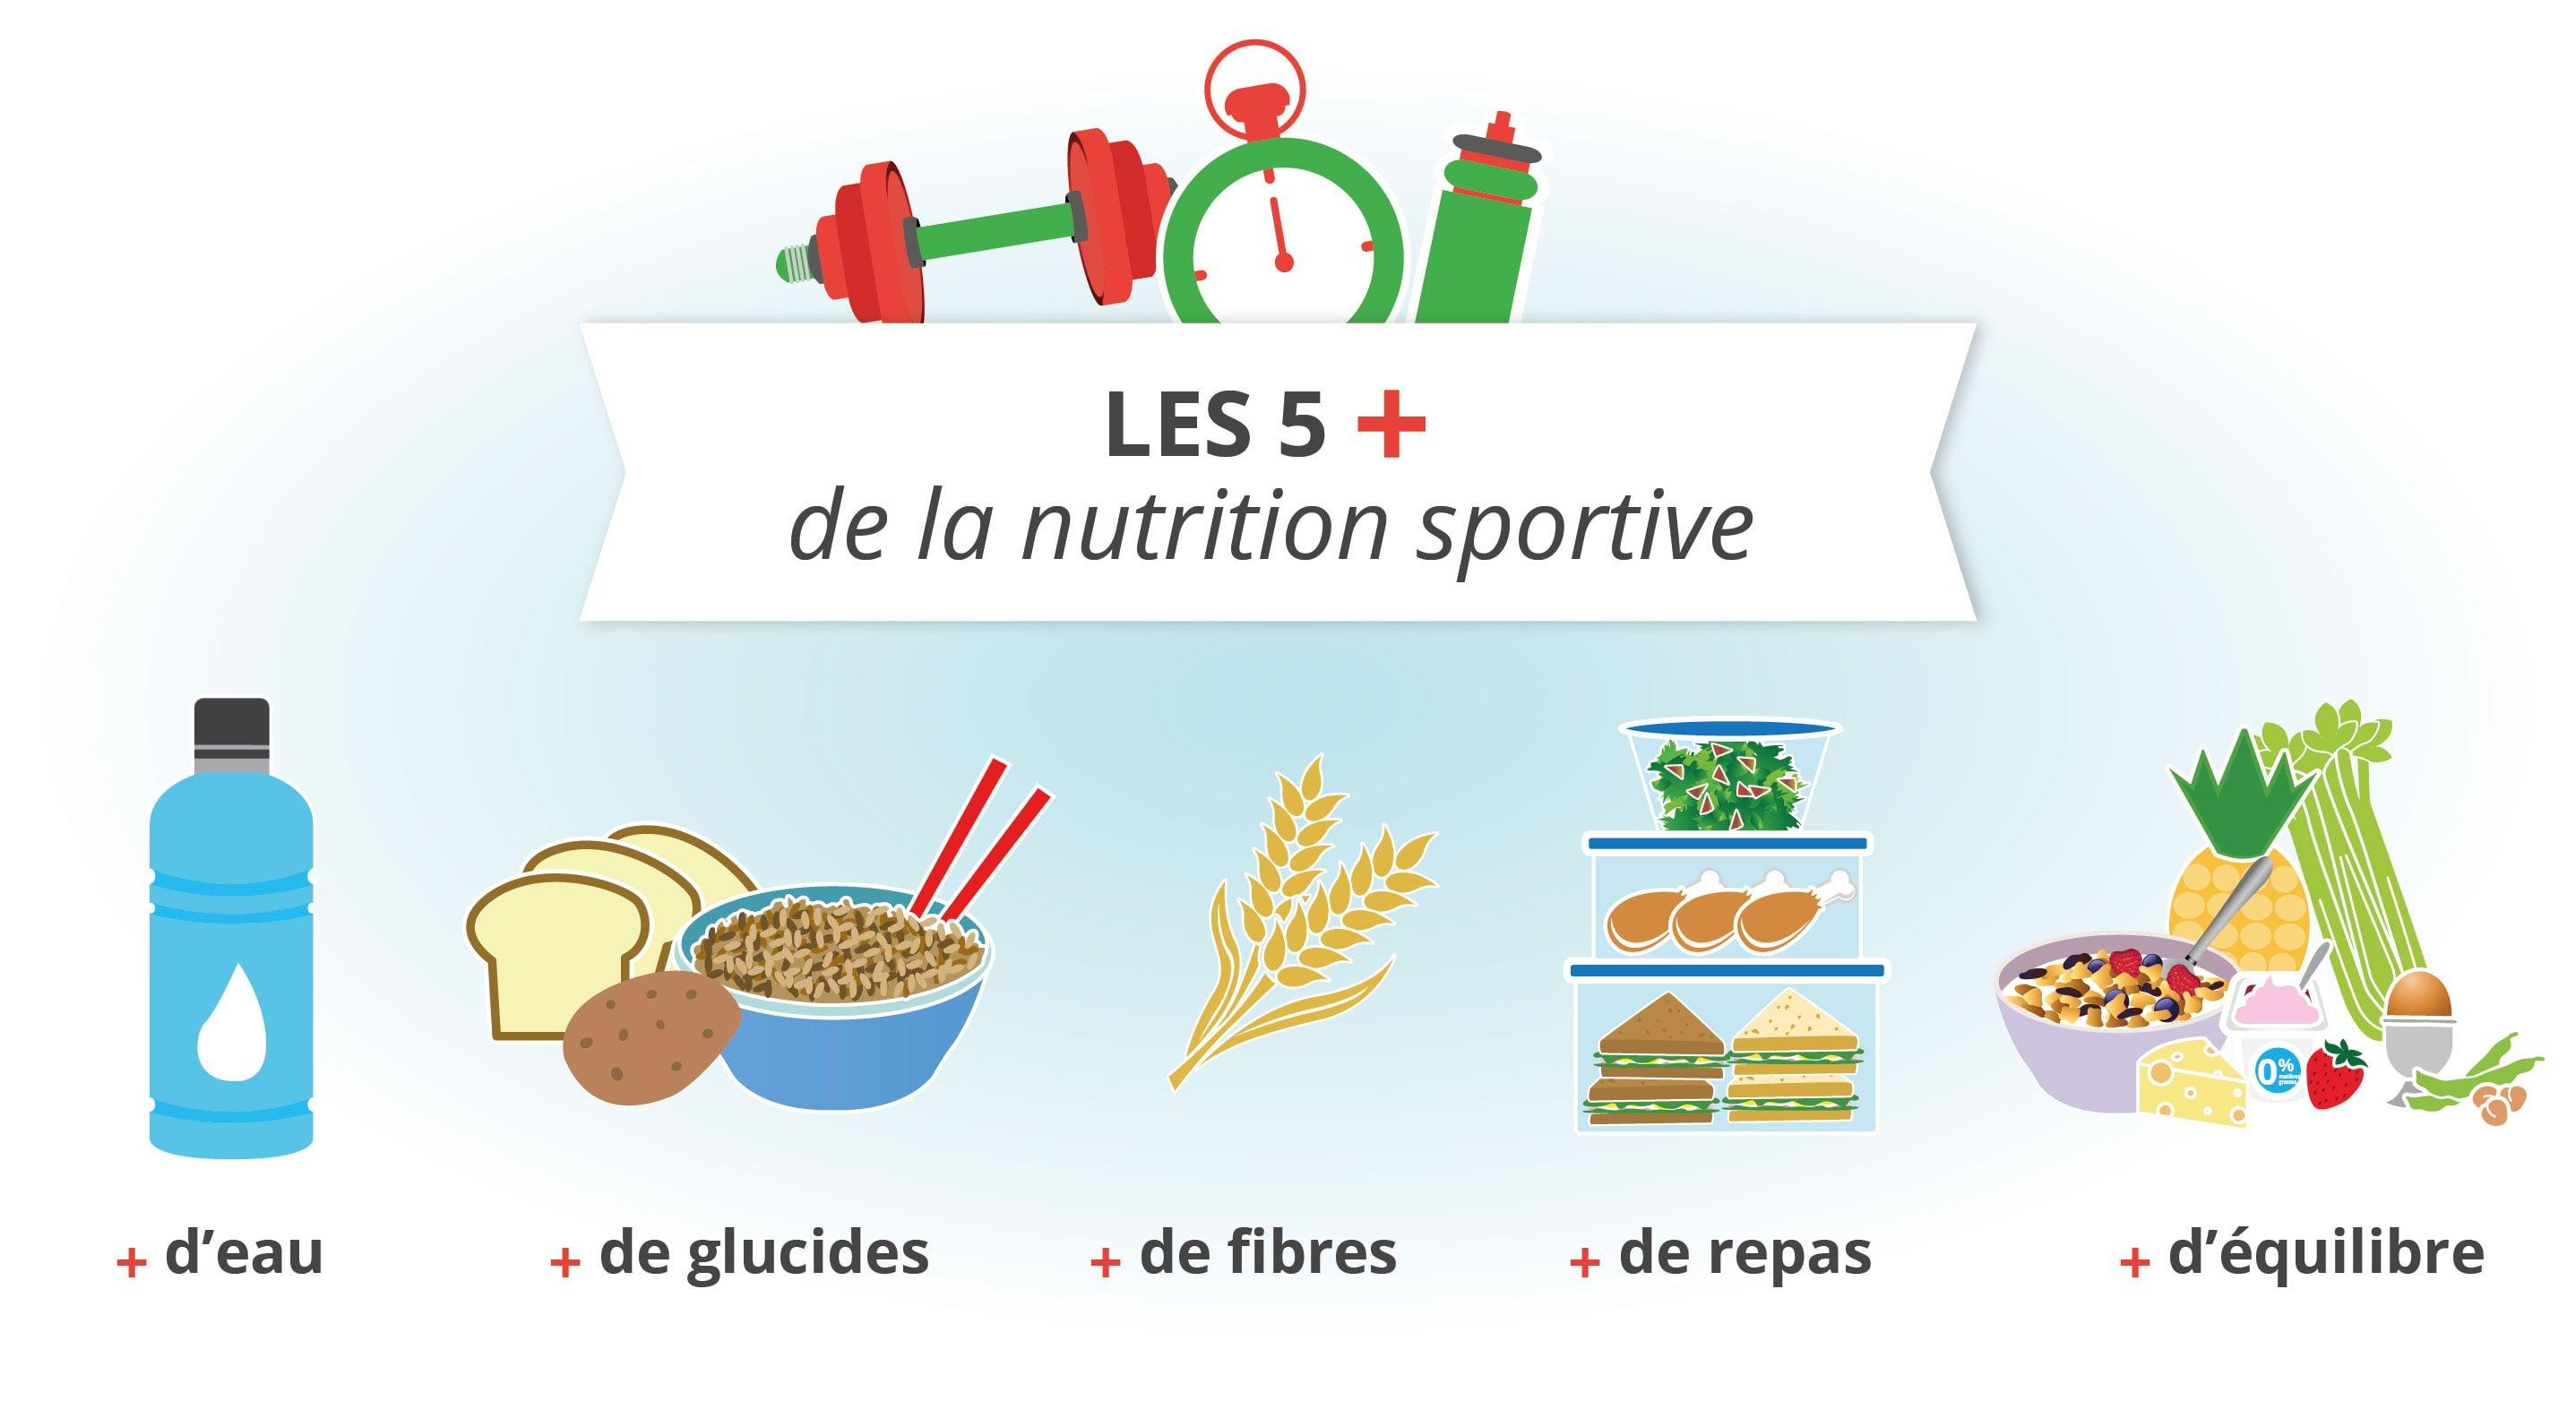 Les 5 plus de la nutrition sportive